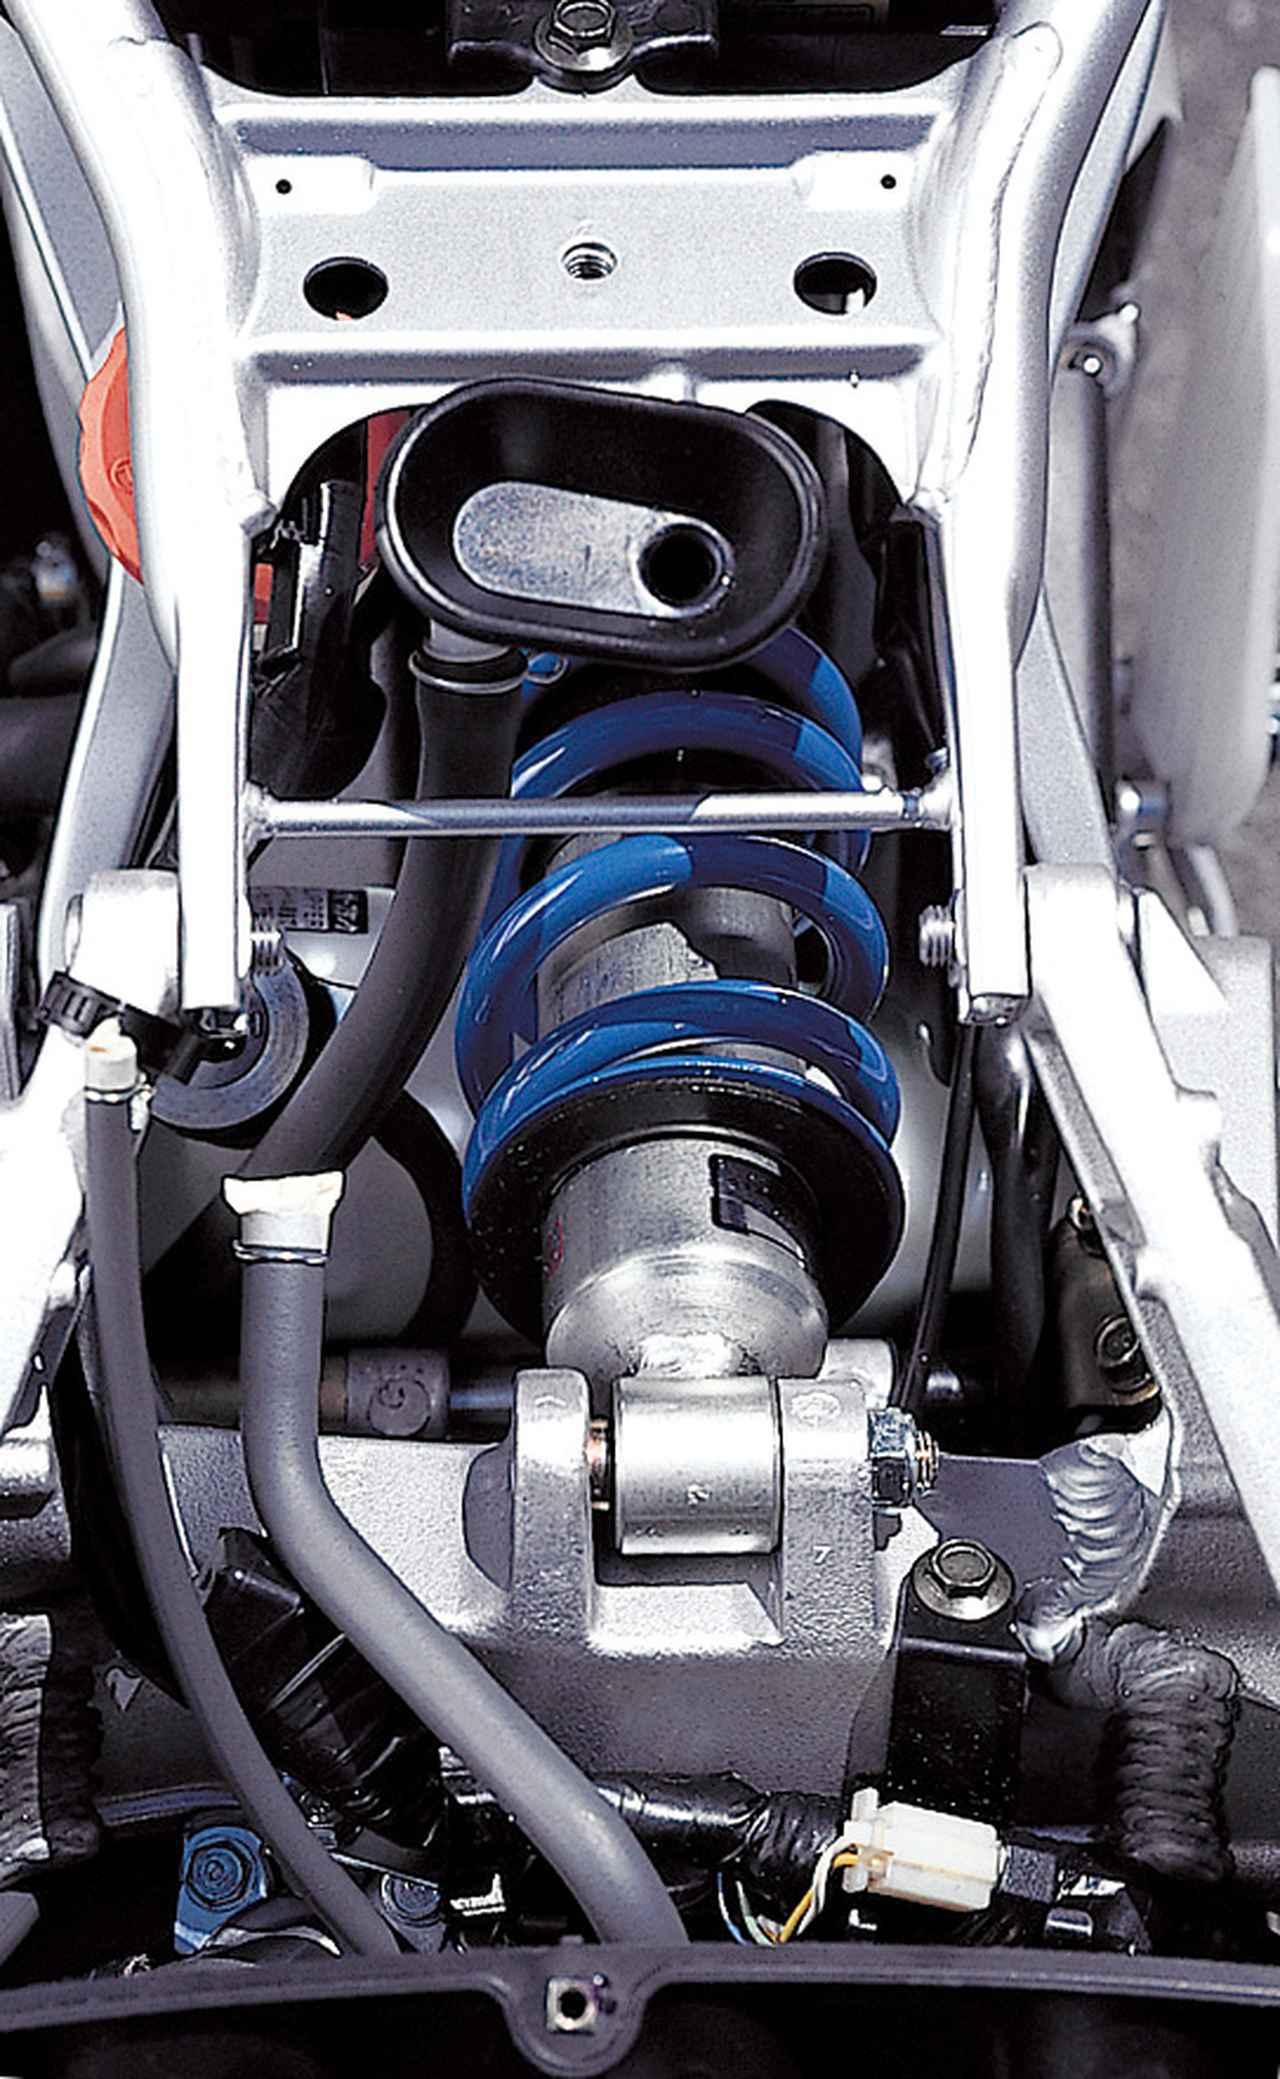 ホンダ新旧「CBR250RR」バトル! 2気筒(2019年)VS 4気筒(1990年)ハンドリング編